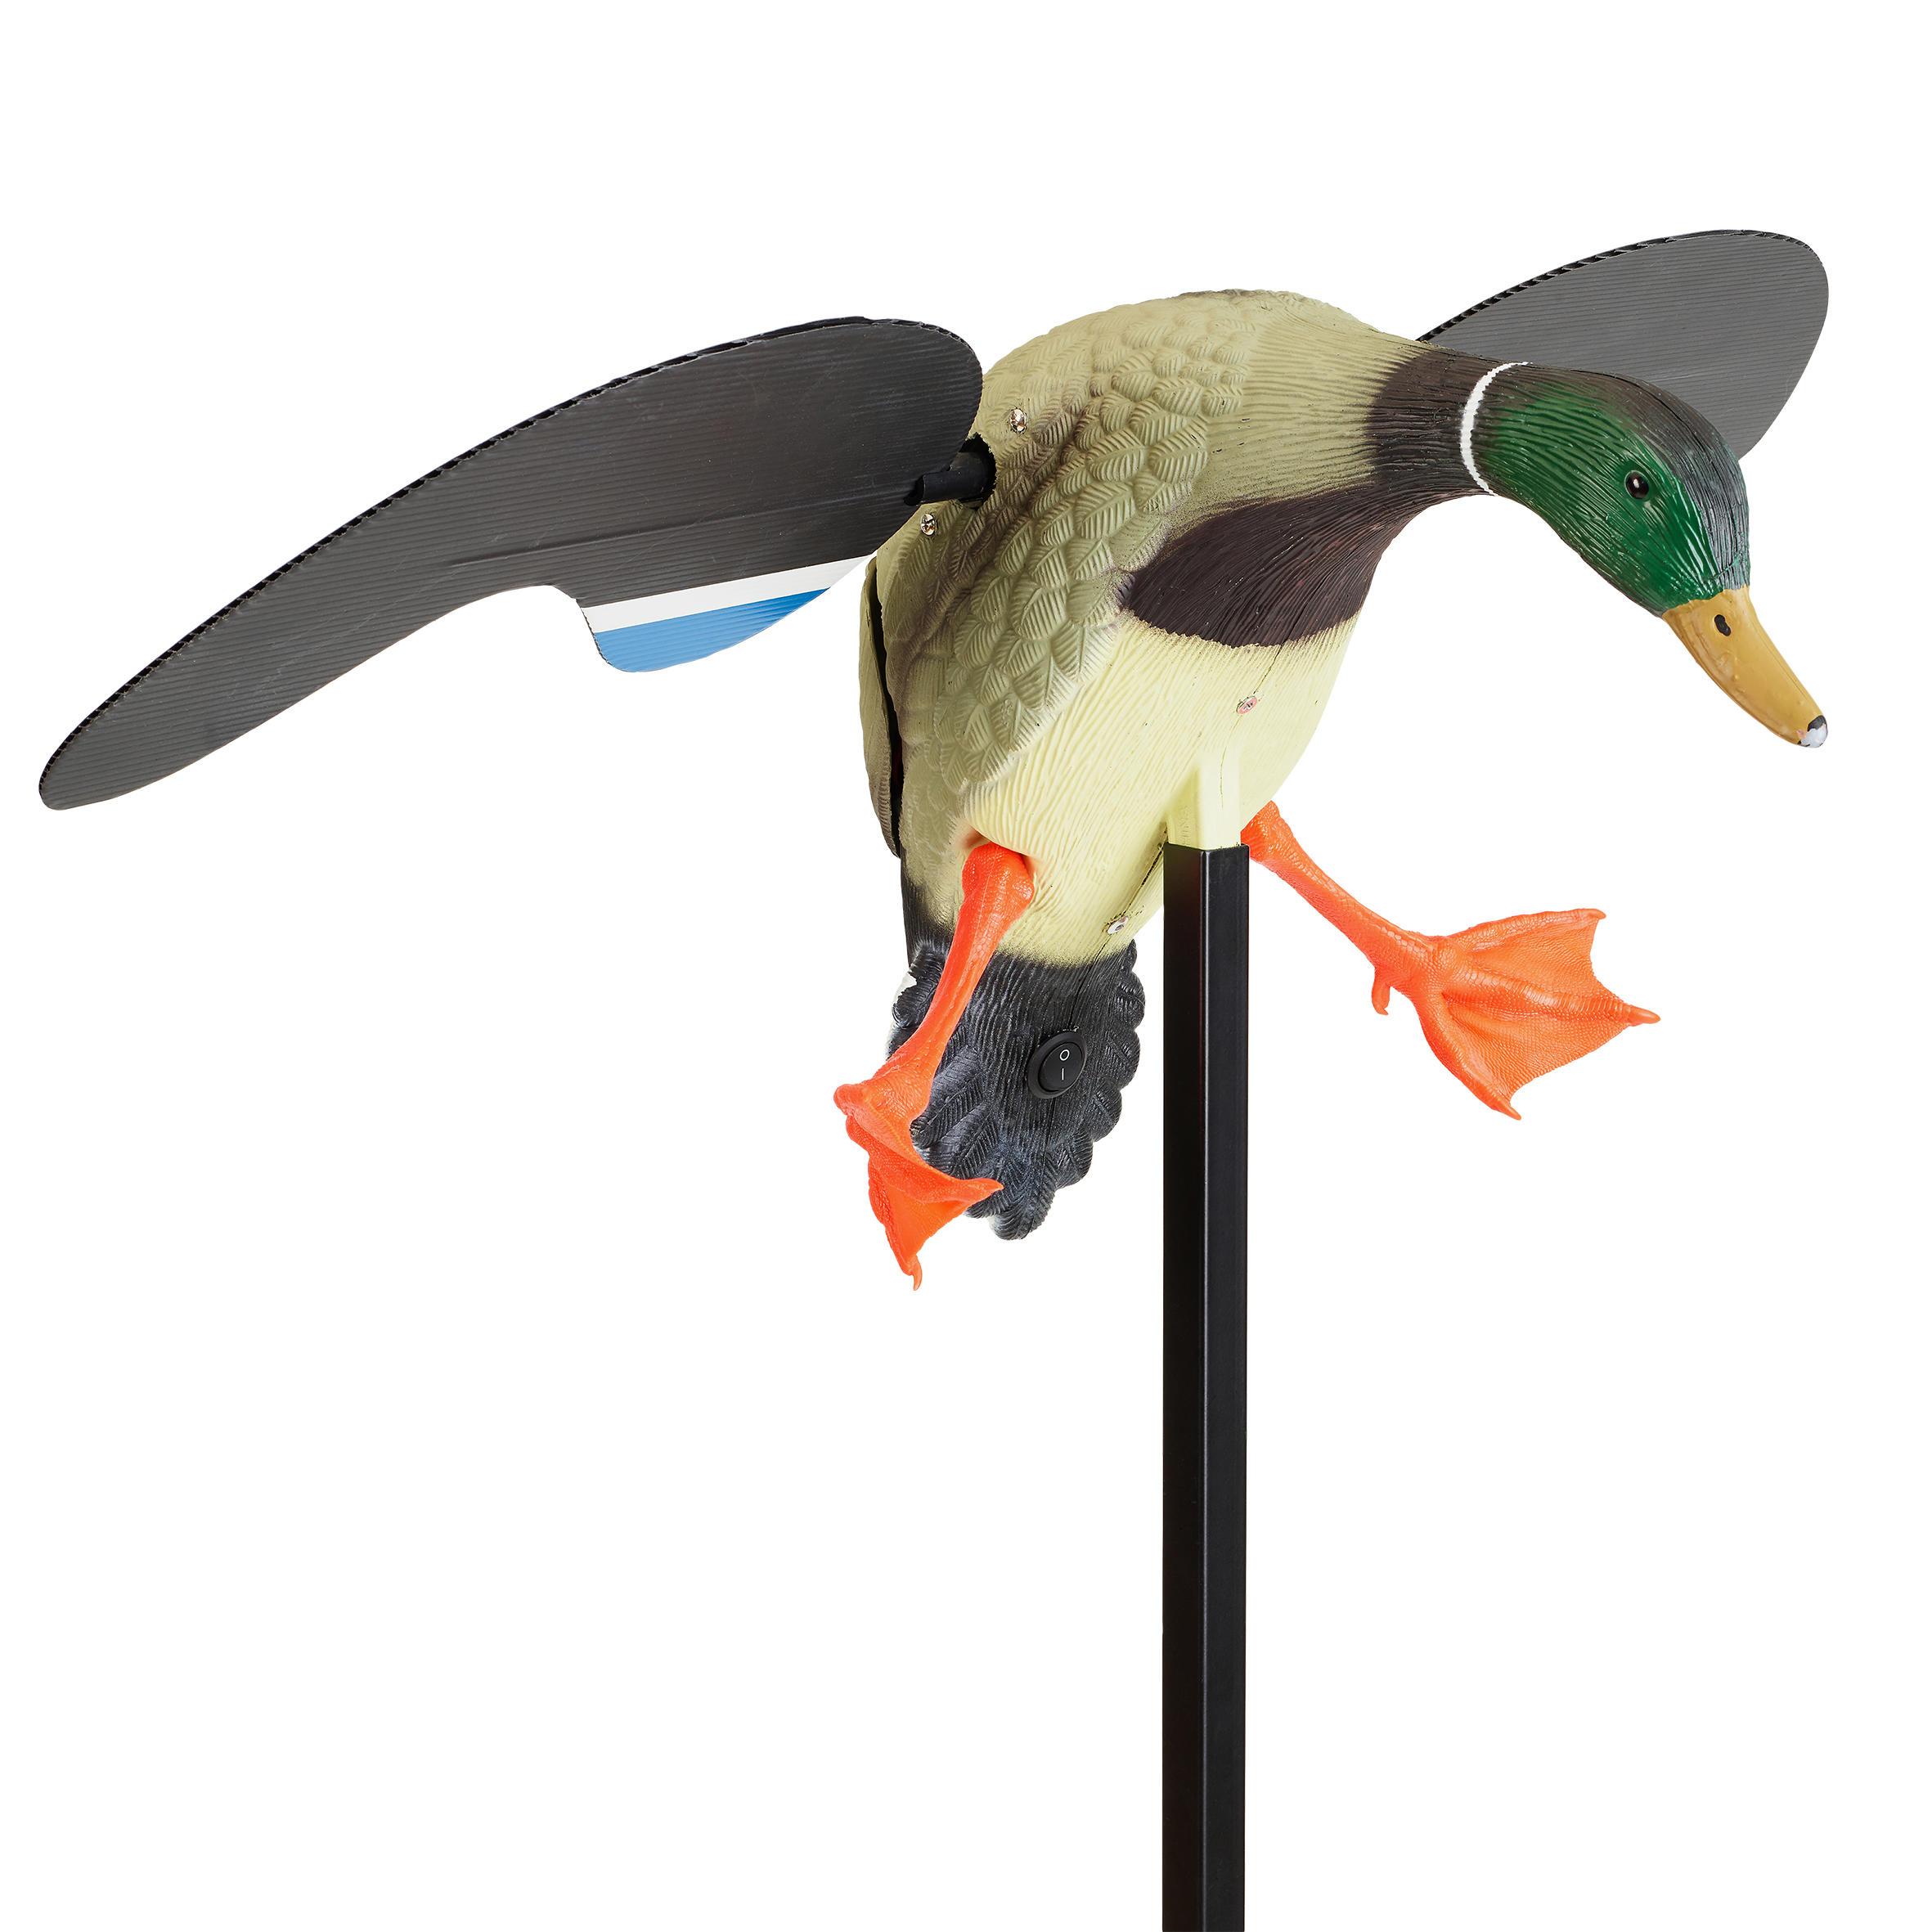 Atrapă rață aripi rotative imagine